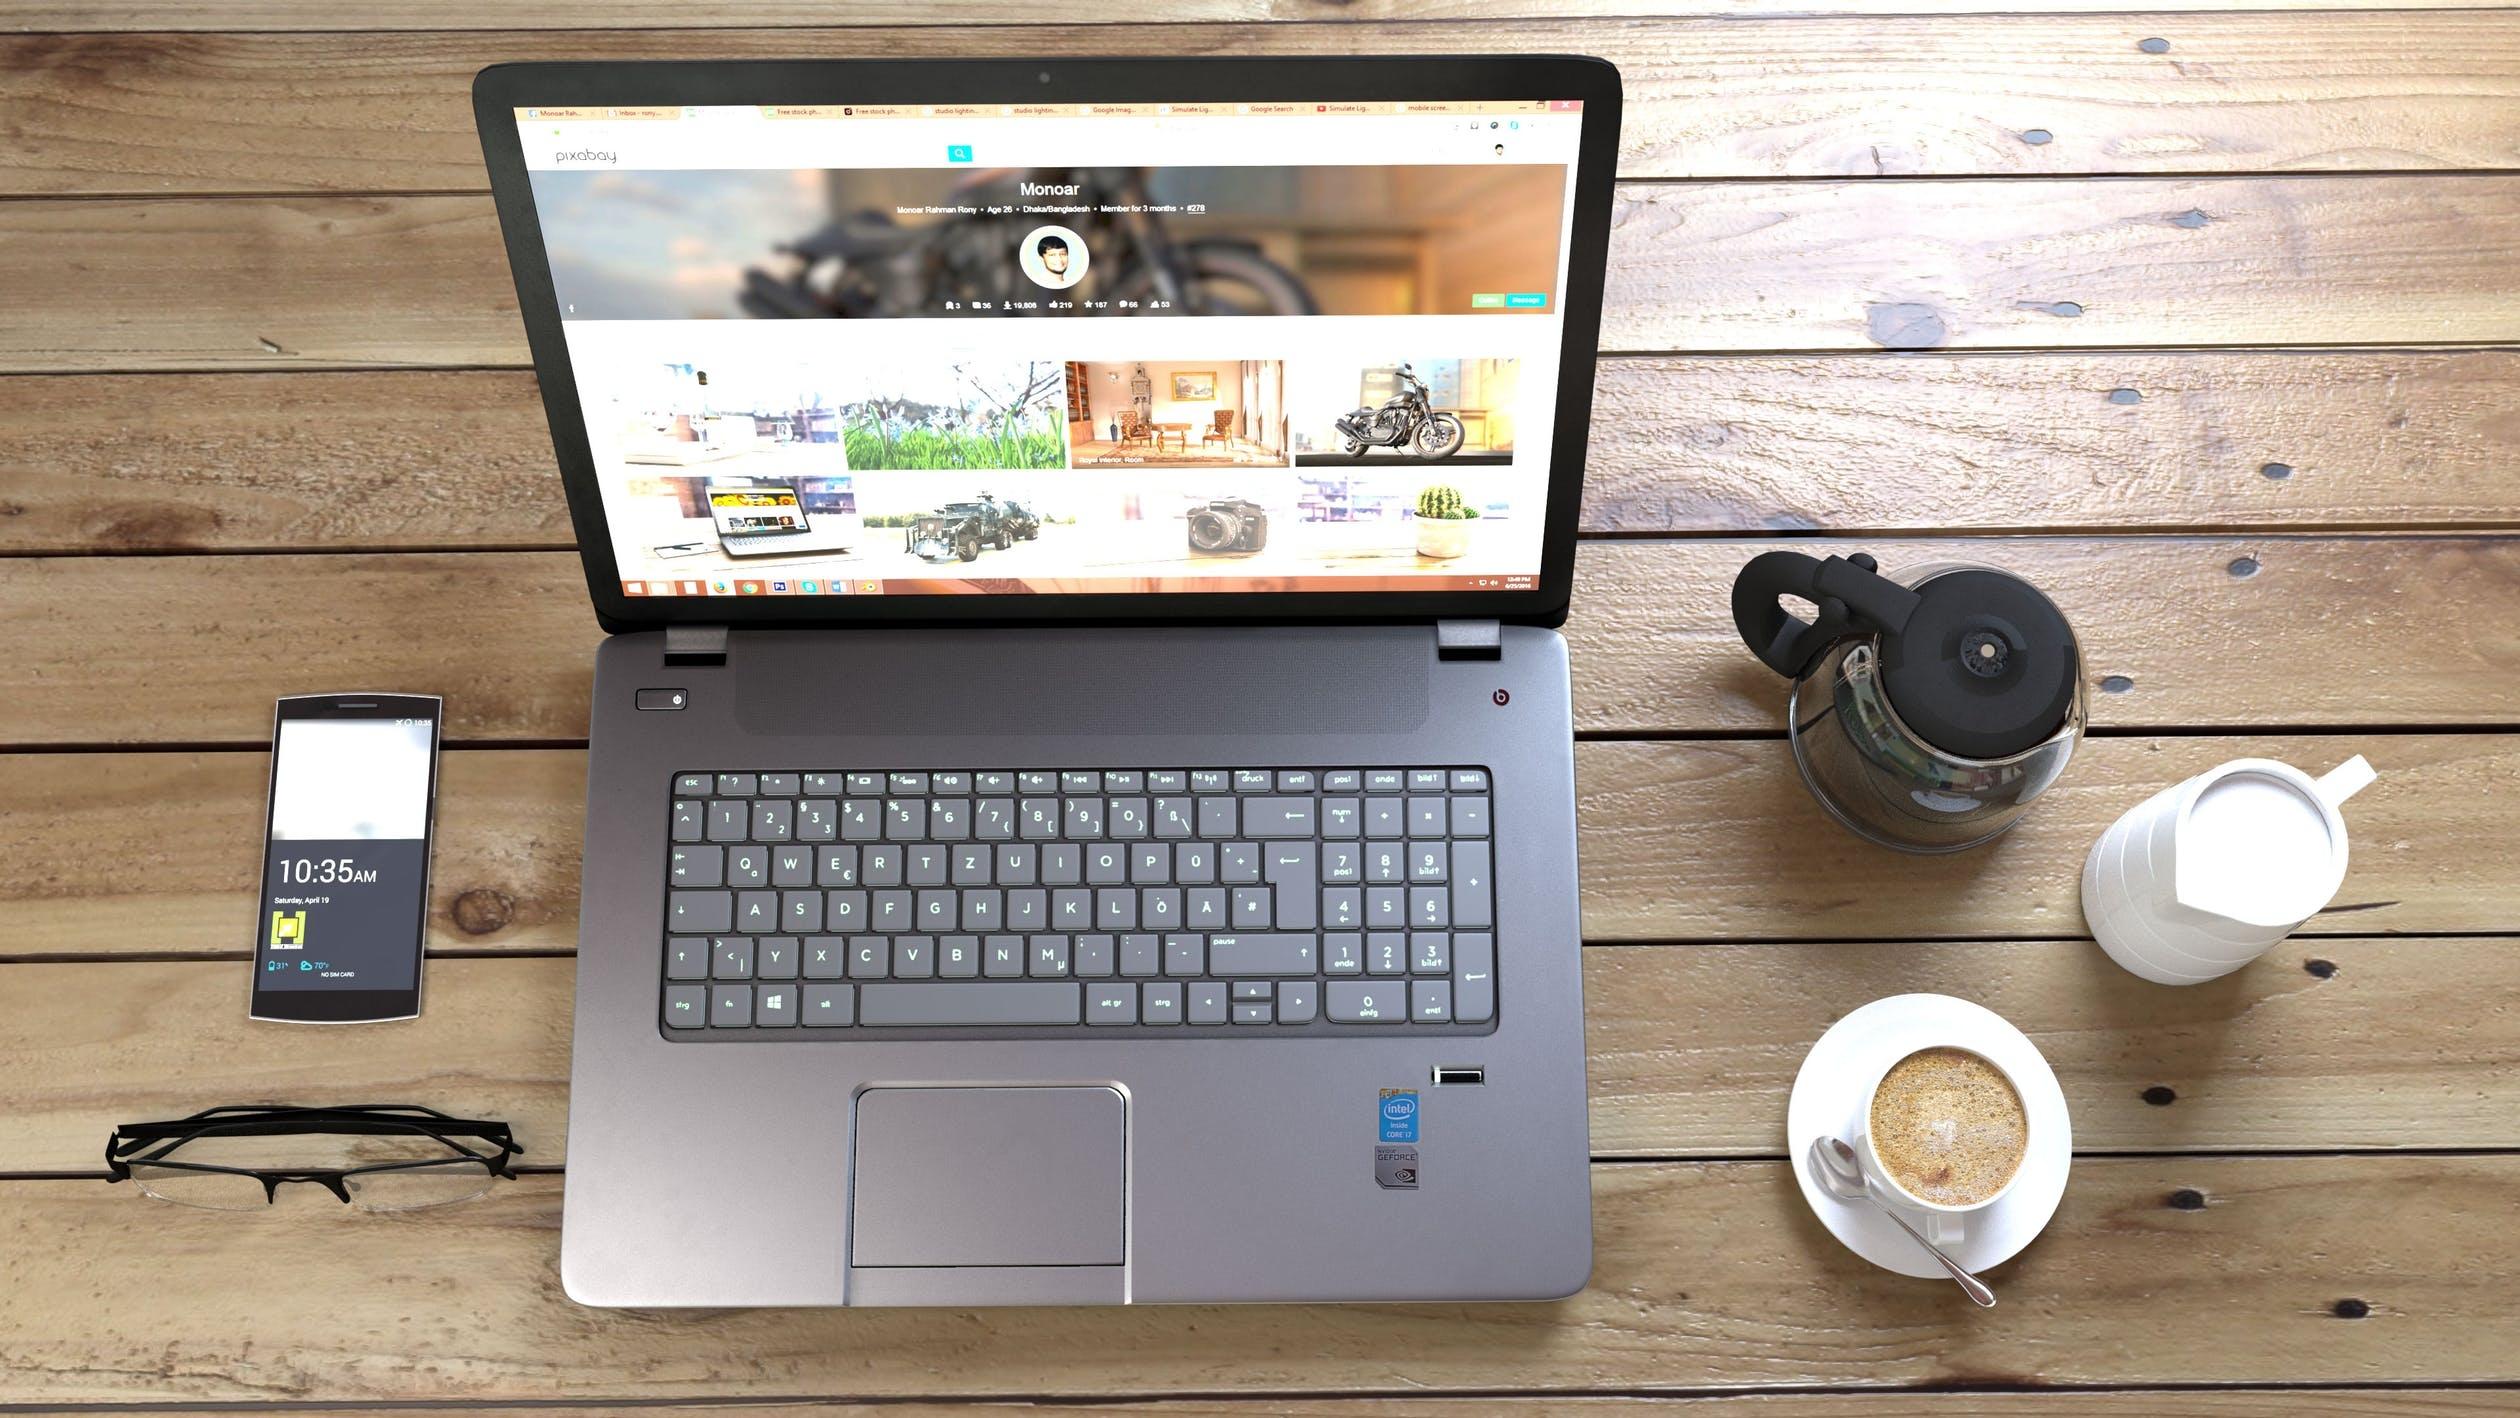 5. A vállalati webfejlesztés alapjai - Űrlapok készítése JavaScript segítségével (T360)